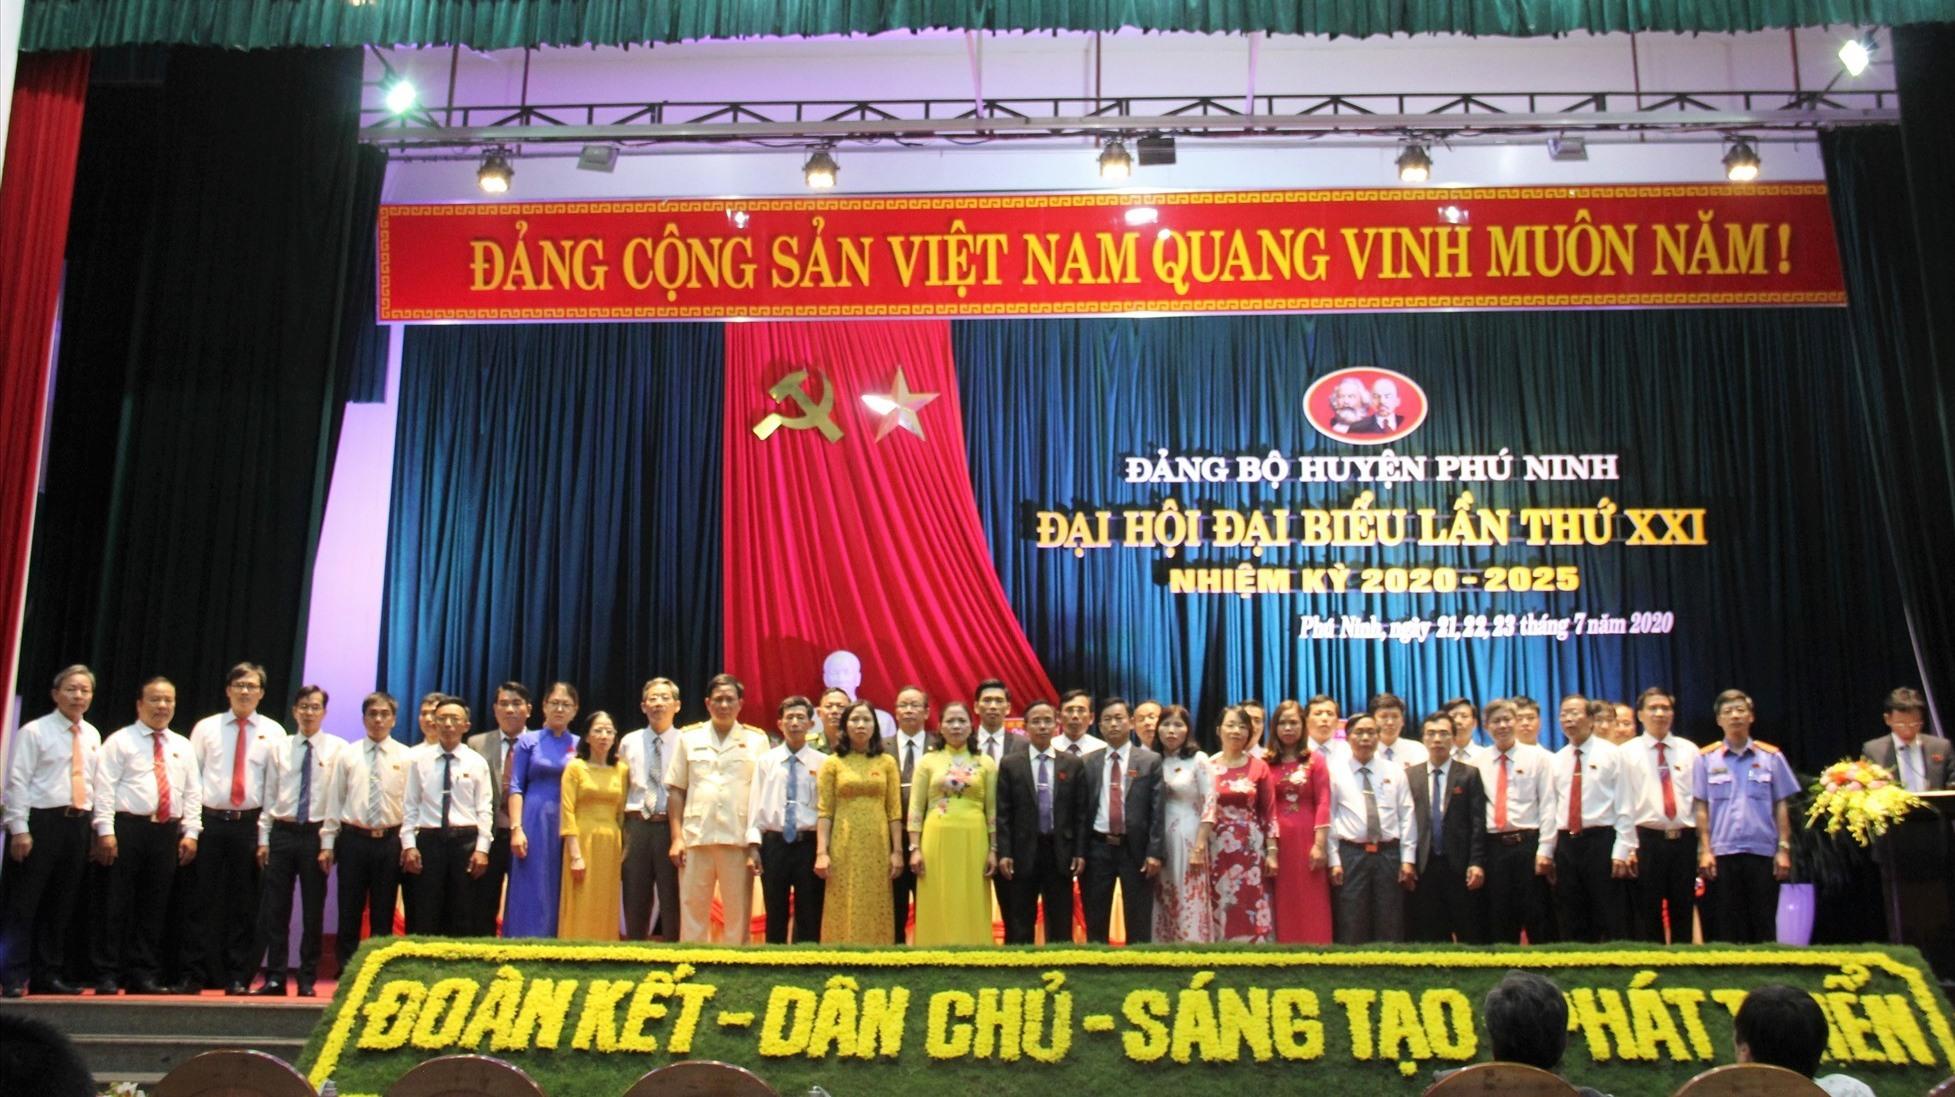 39 đồng chí được bầu vào Ban Chấp hành Đảng bộ huyện Phú Ninh khóa XXI (Nhiệm kỳ 2020 - 2025). Ảnh: VINH ANH